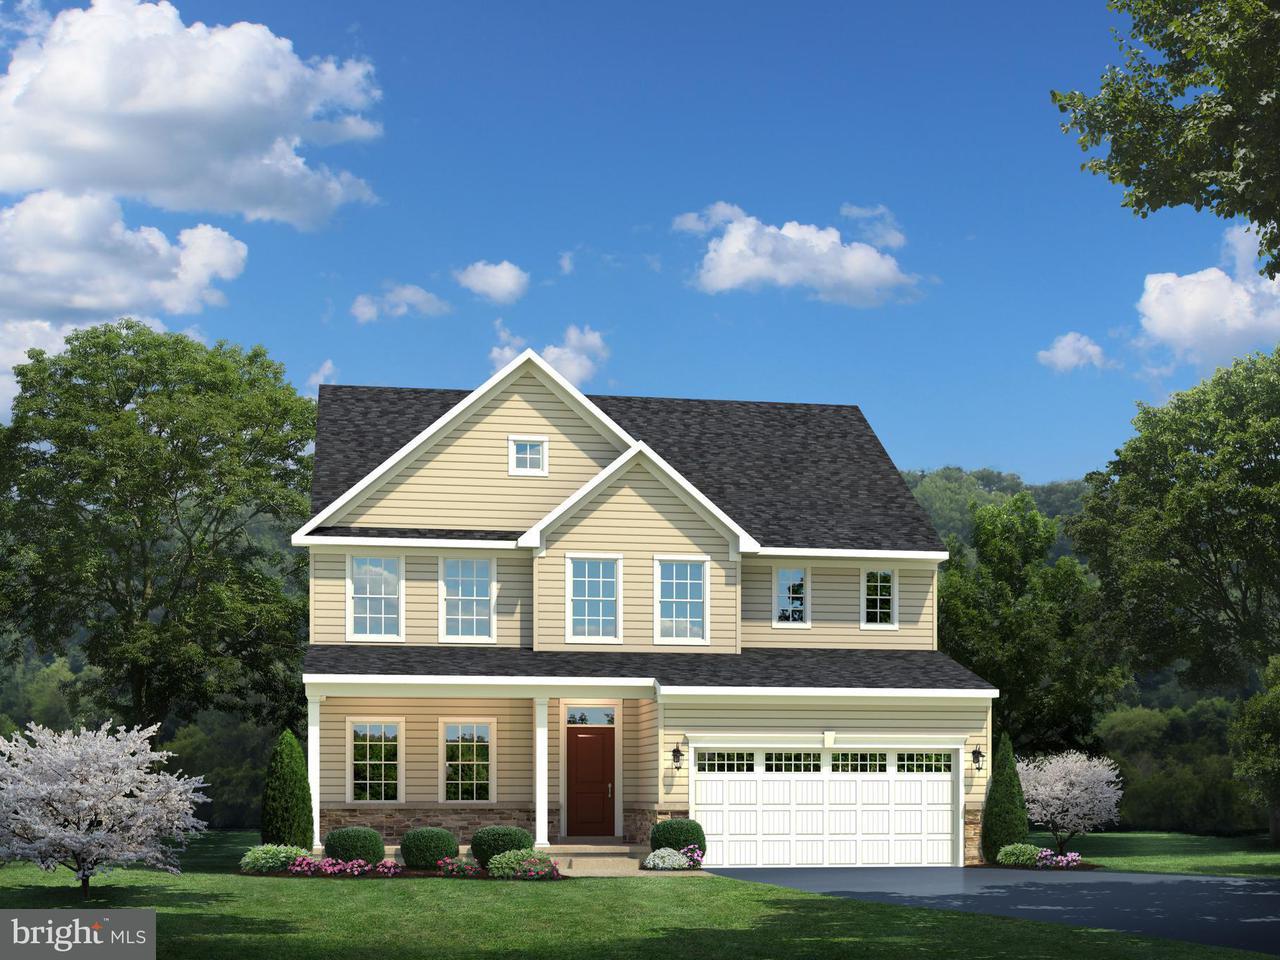 Einfamilienhaus für Verkauf beim 2471 VINEYARD SPRINGS WAY 2471 VINEYARD SPRINGS WAY Ellicott City, Maryland 21043 Vereinigte Staaten